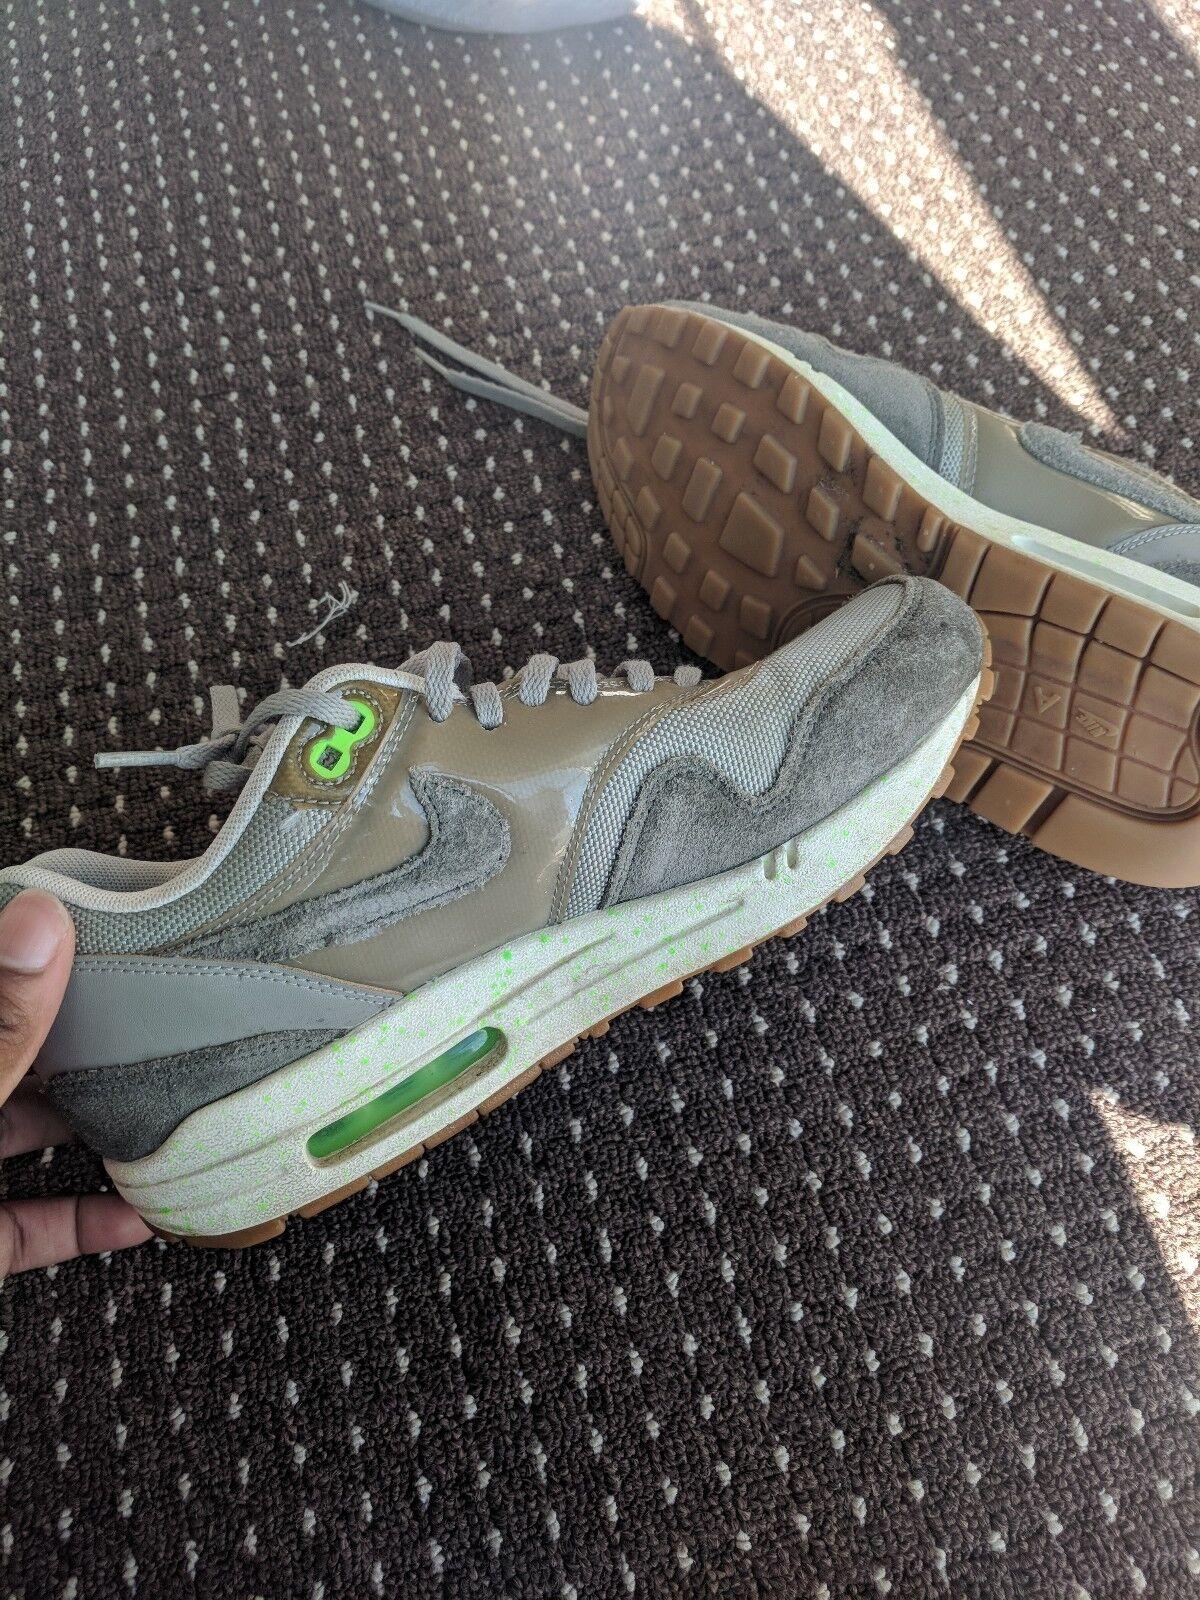 Unisexe Nike Air Max 1 S, en daim gris/vert citron Grest état, taille 6